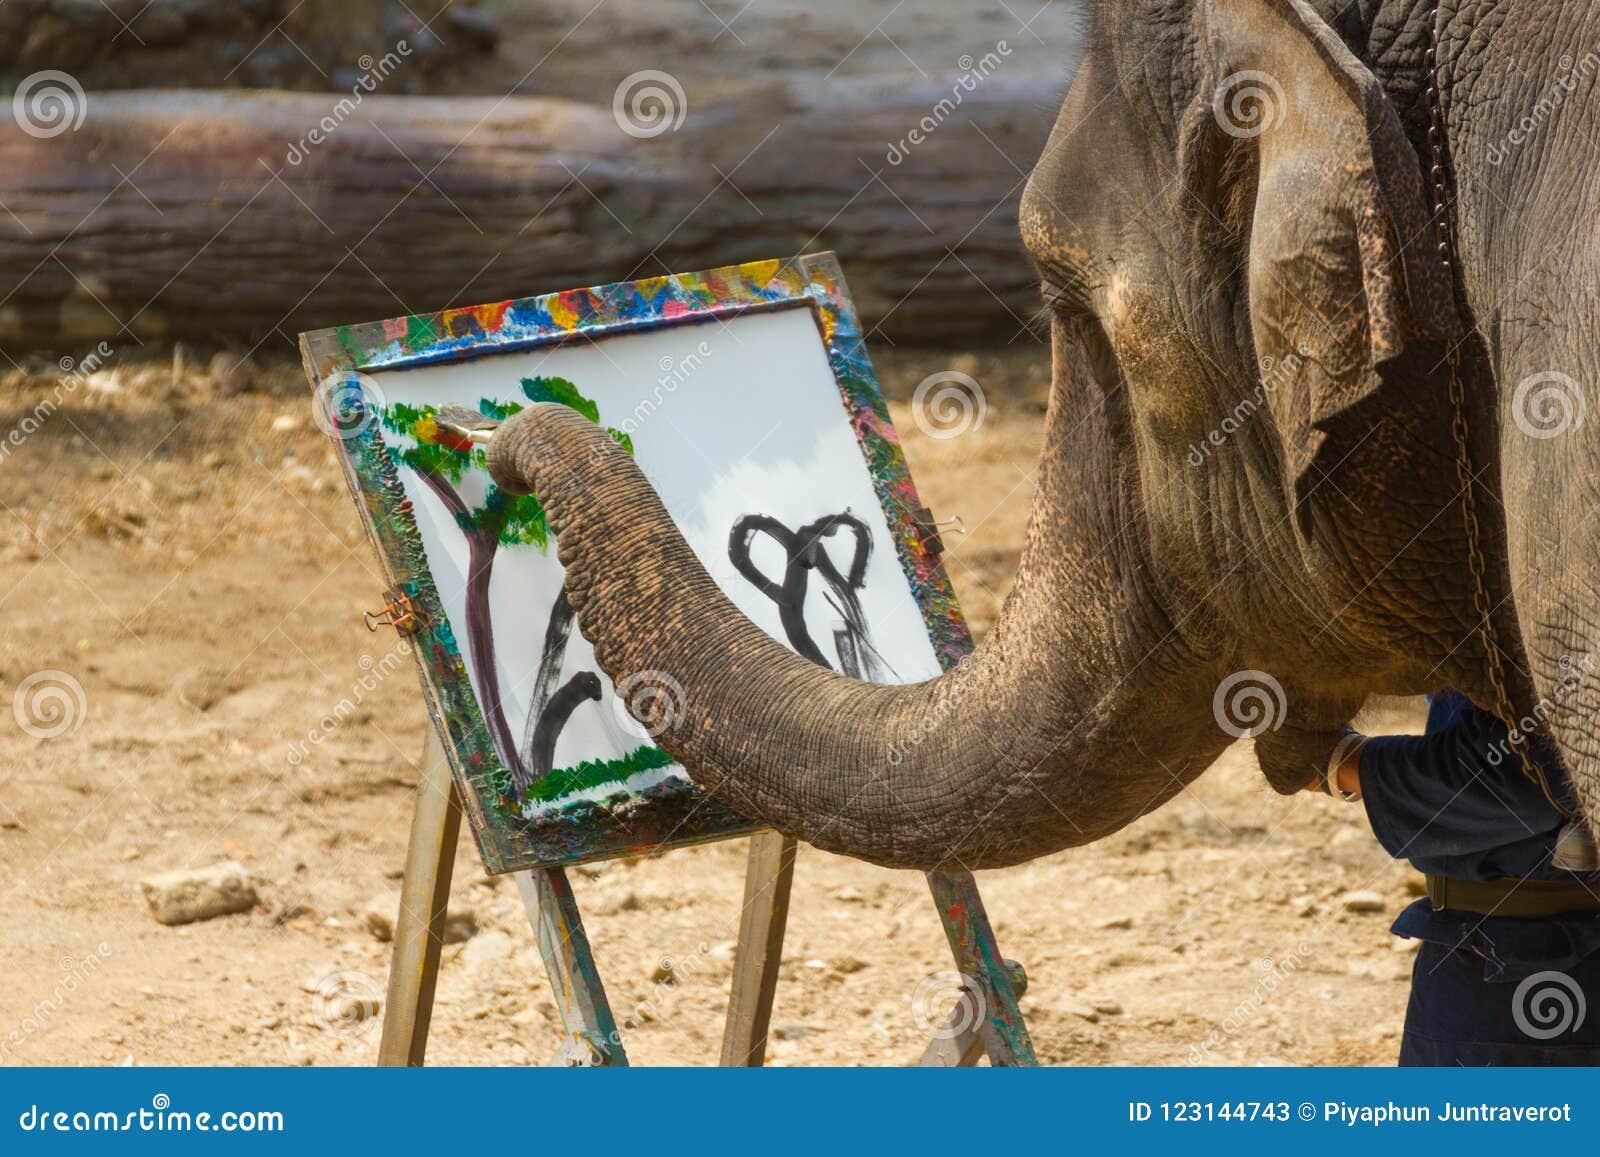 LAMPANG, TAILANDIA - 13 aprile 2017: - pittura dell elefante nel telaio dell albero dell immagine alla conservazione tailandese d